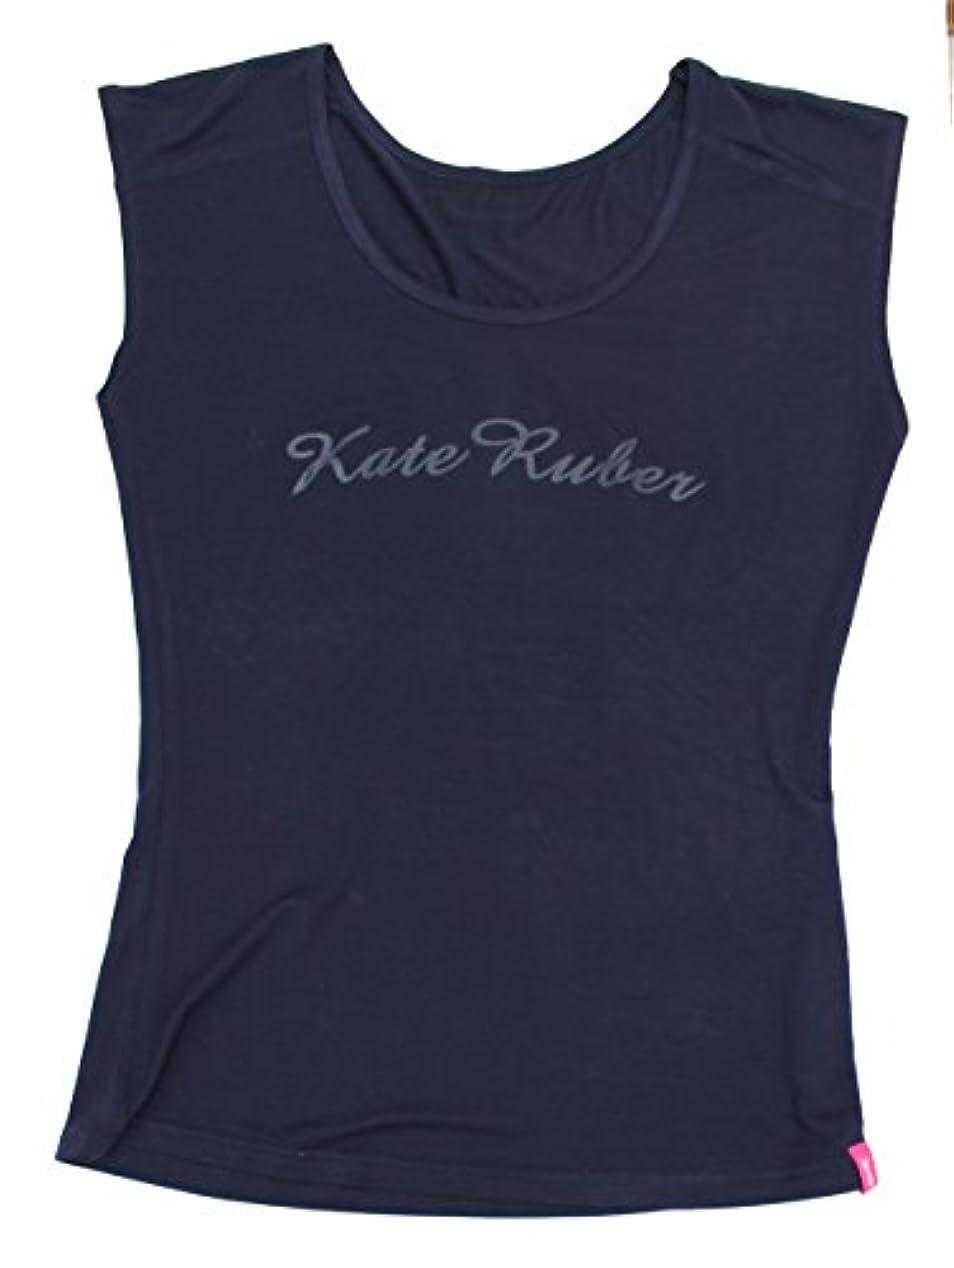 宅配便請願者汚れたKate Ruber (ケイトルーバー) ヨガTシャツ ネイビーLL-3L